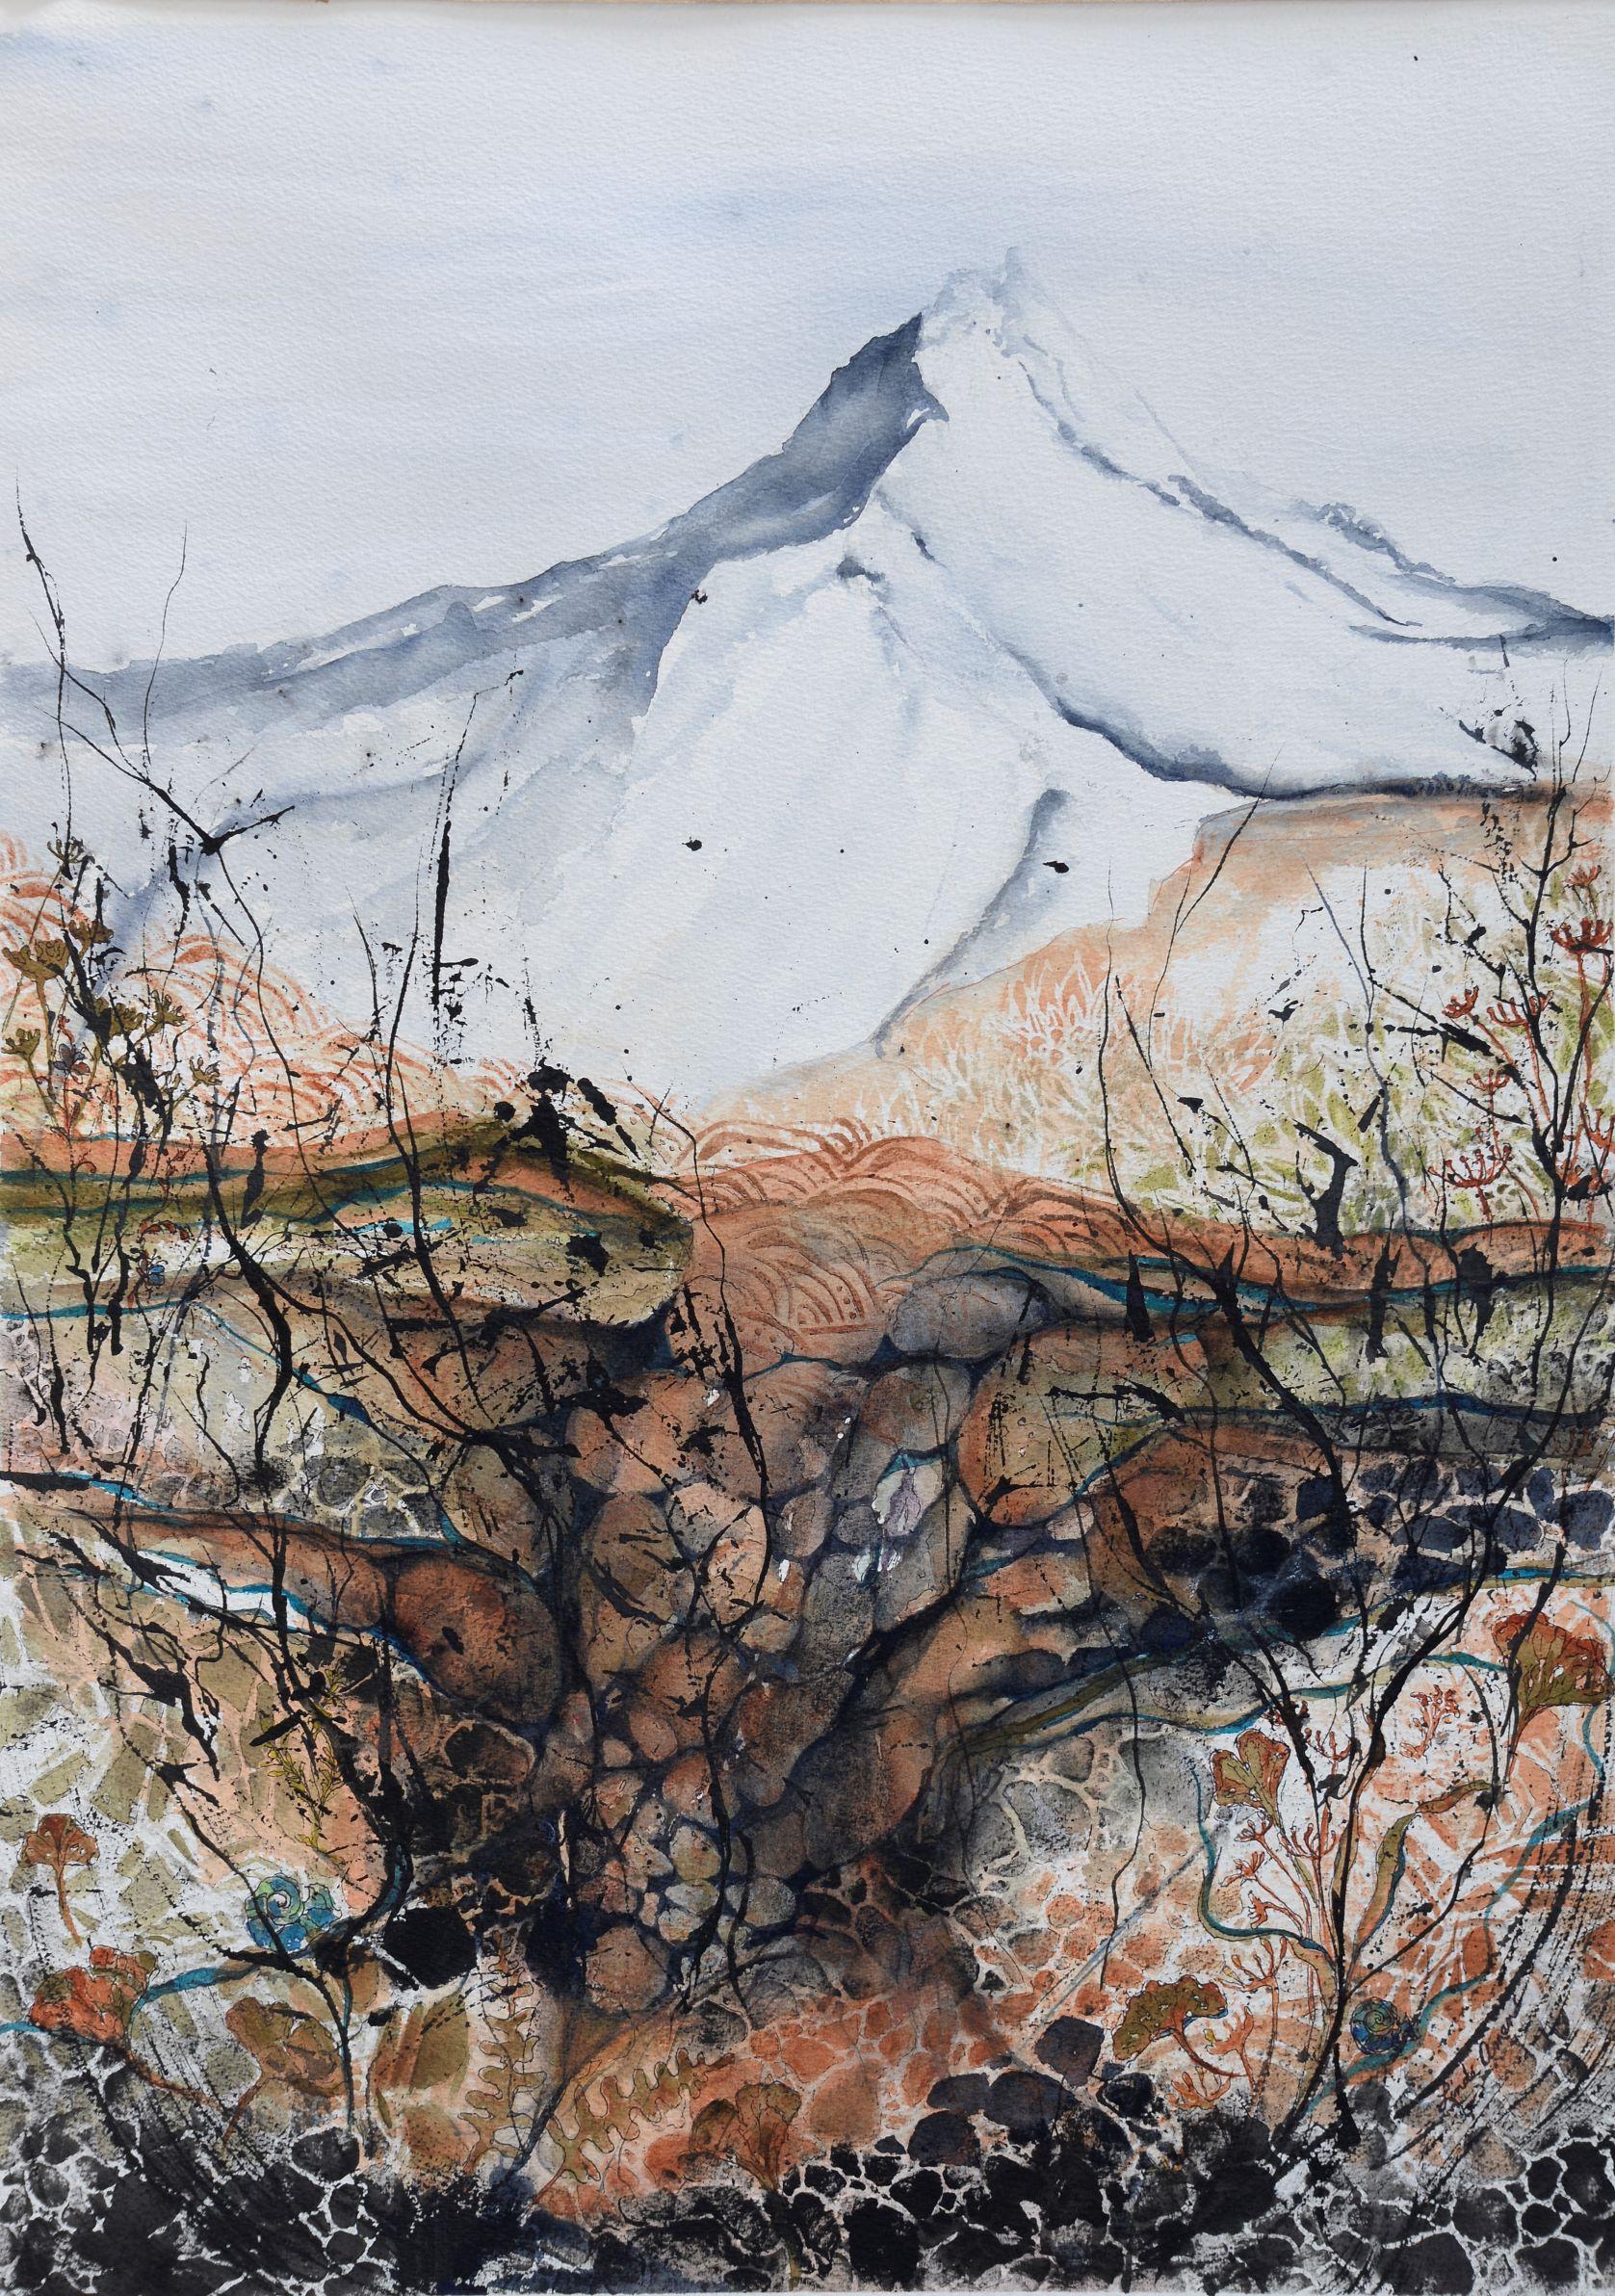 Oxidental Mountain